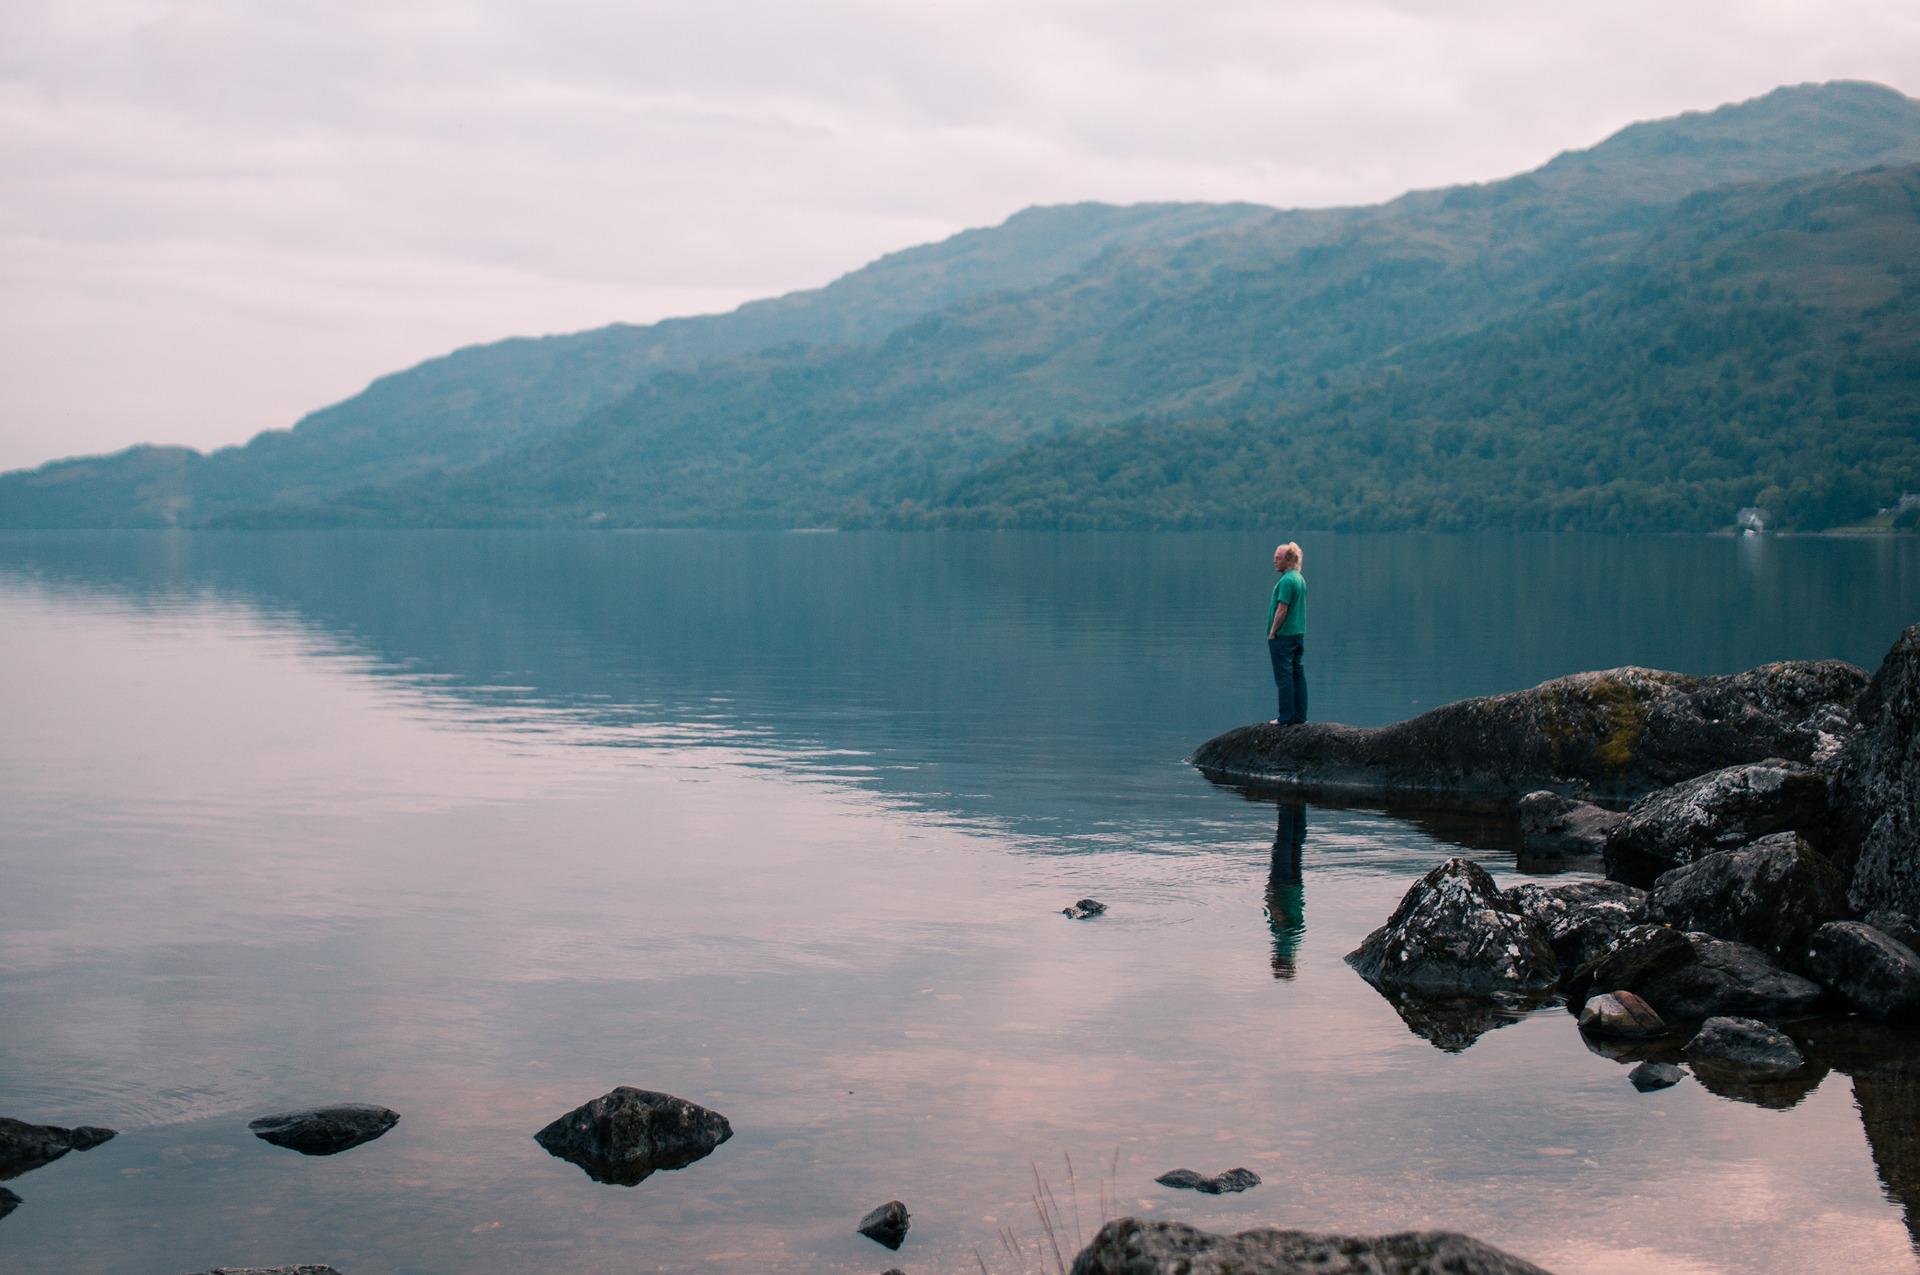 Беседы о главном: Одиночество – проклятие или путь совершенствования?